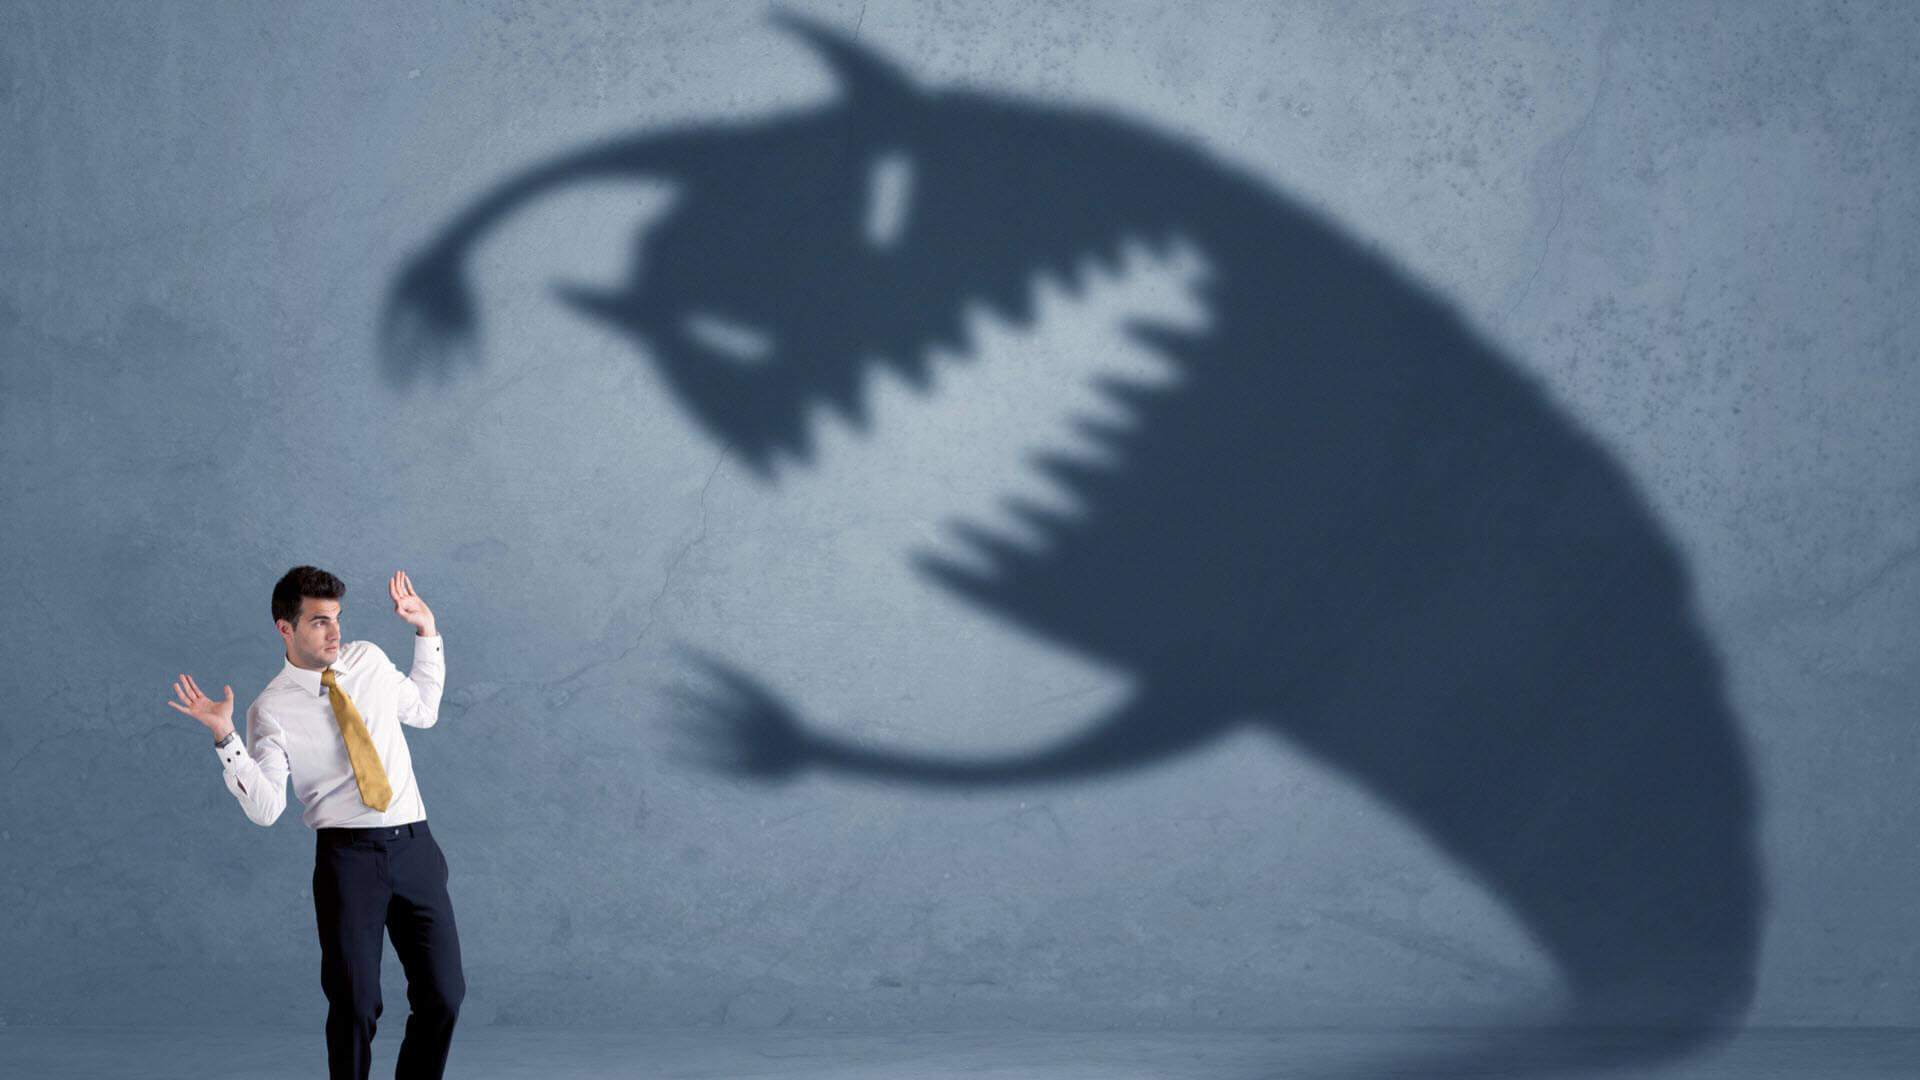 Cuidado con los monstruos de la búsqueda paga